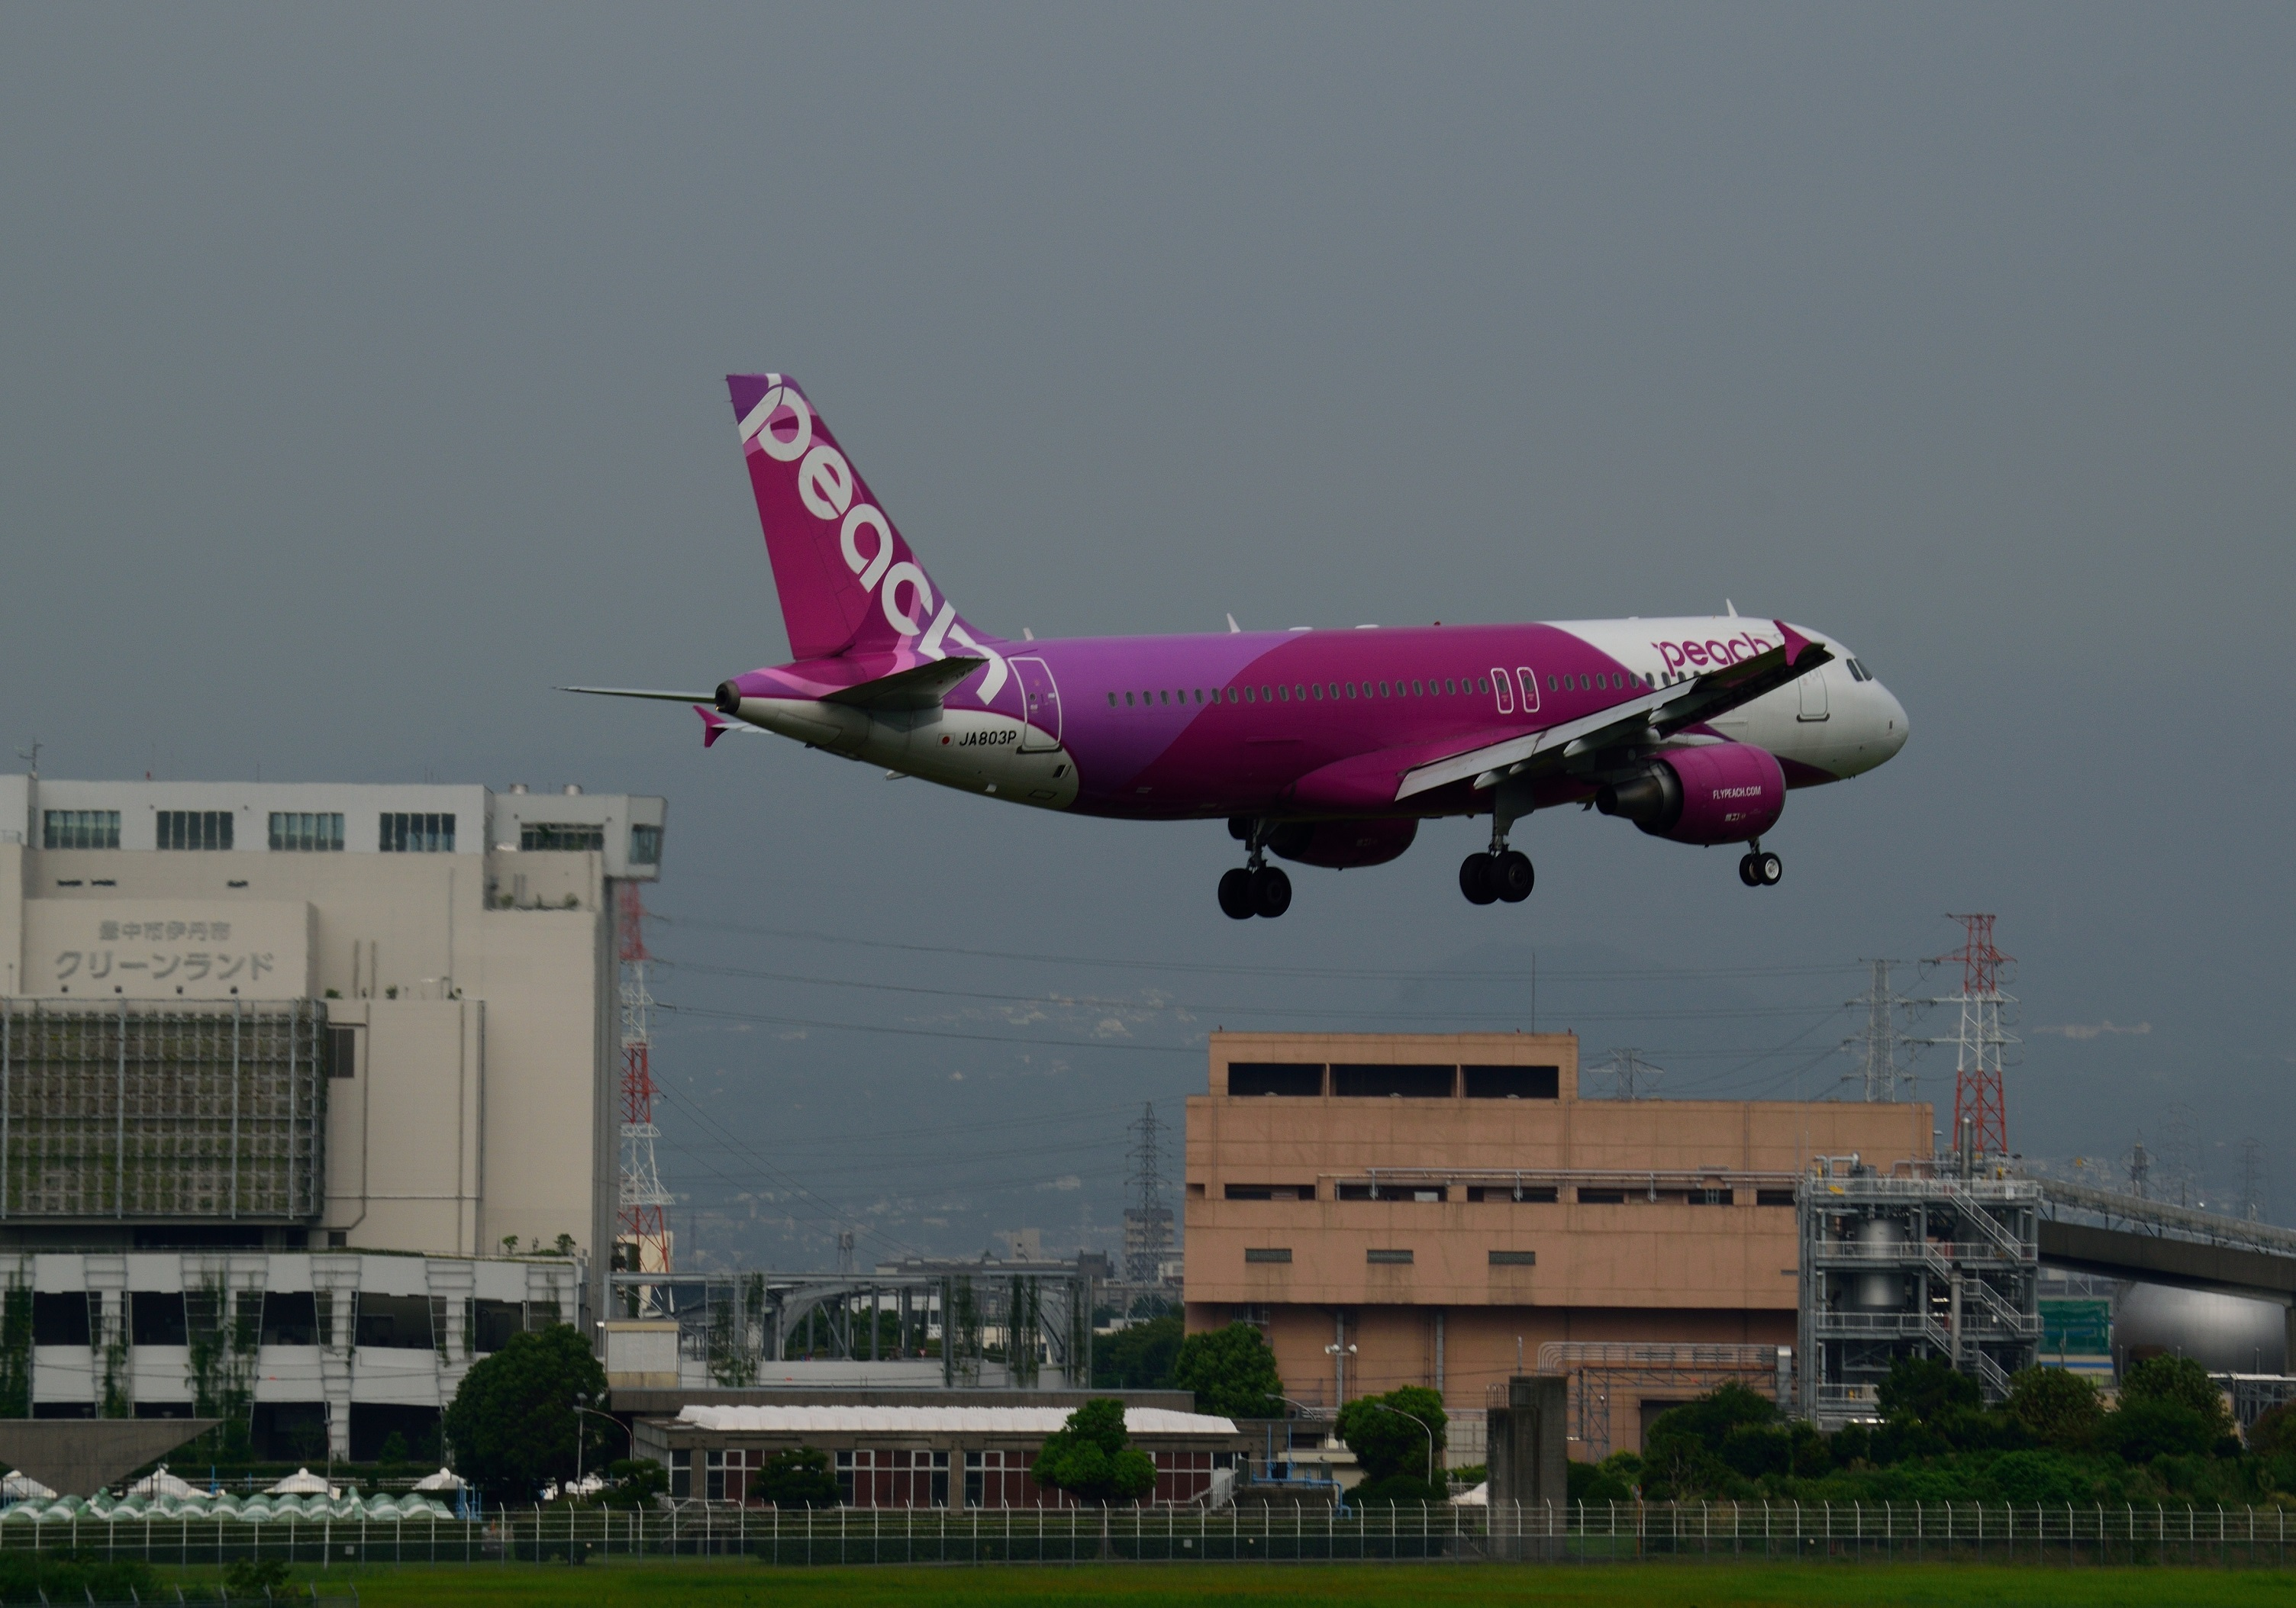 01_JA803P_A320(20170801).jpg